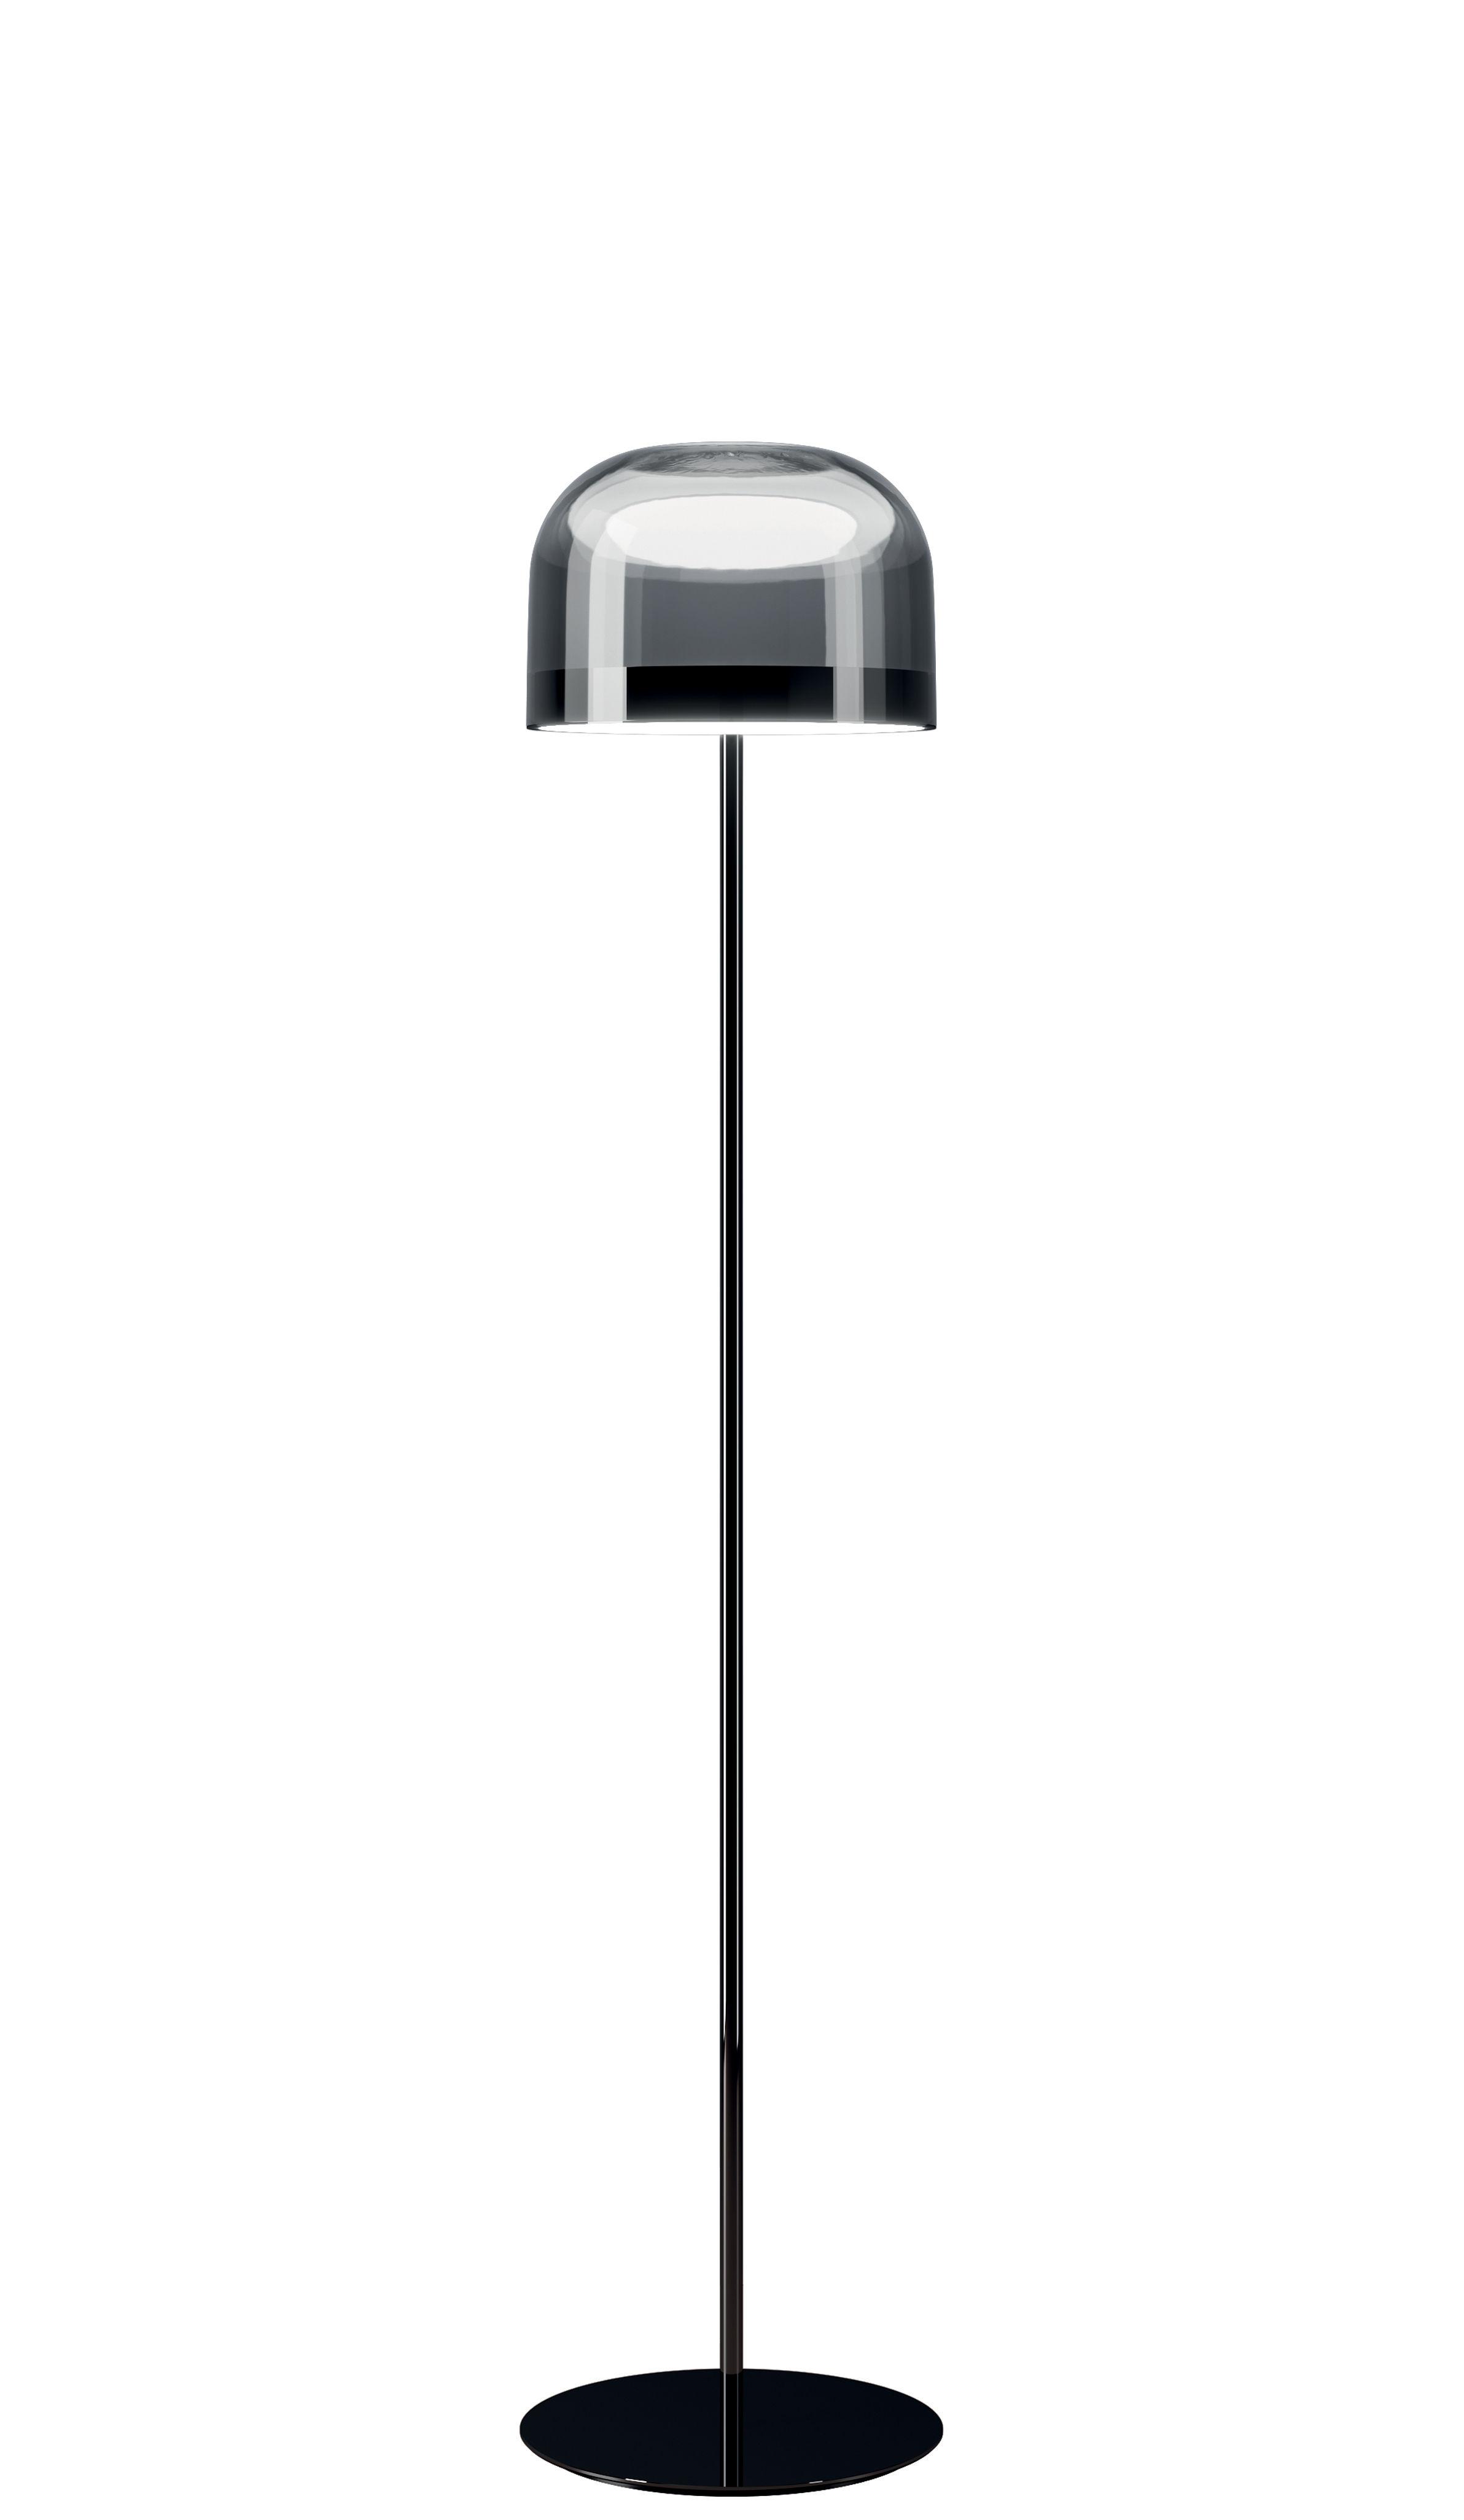 Leuchten - Stehleuchten - Equatore small Stehleuchte / LED - Glas - H 135 cm - Fontana Arte - H 135 cm / chrom-glänzend & grau - geblasenes Glas, Metall